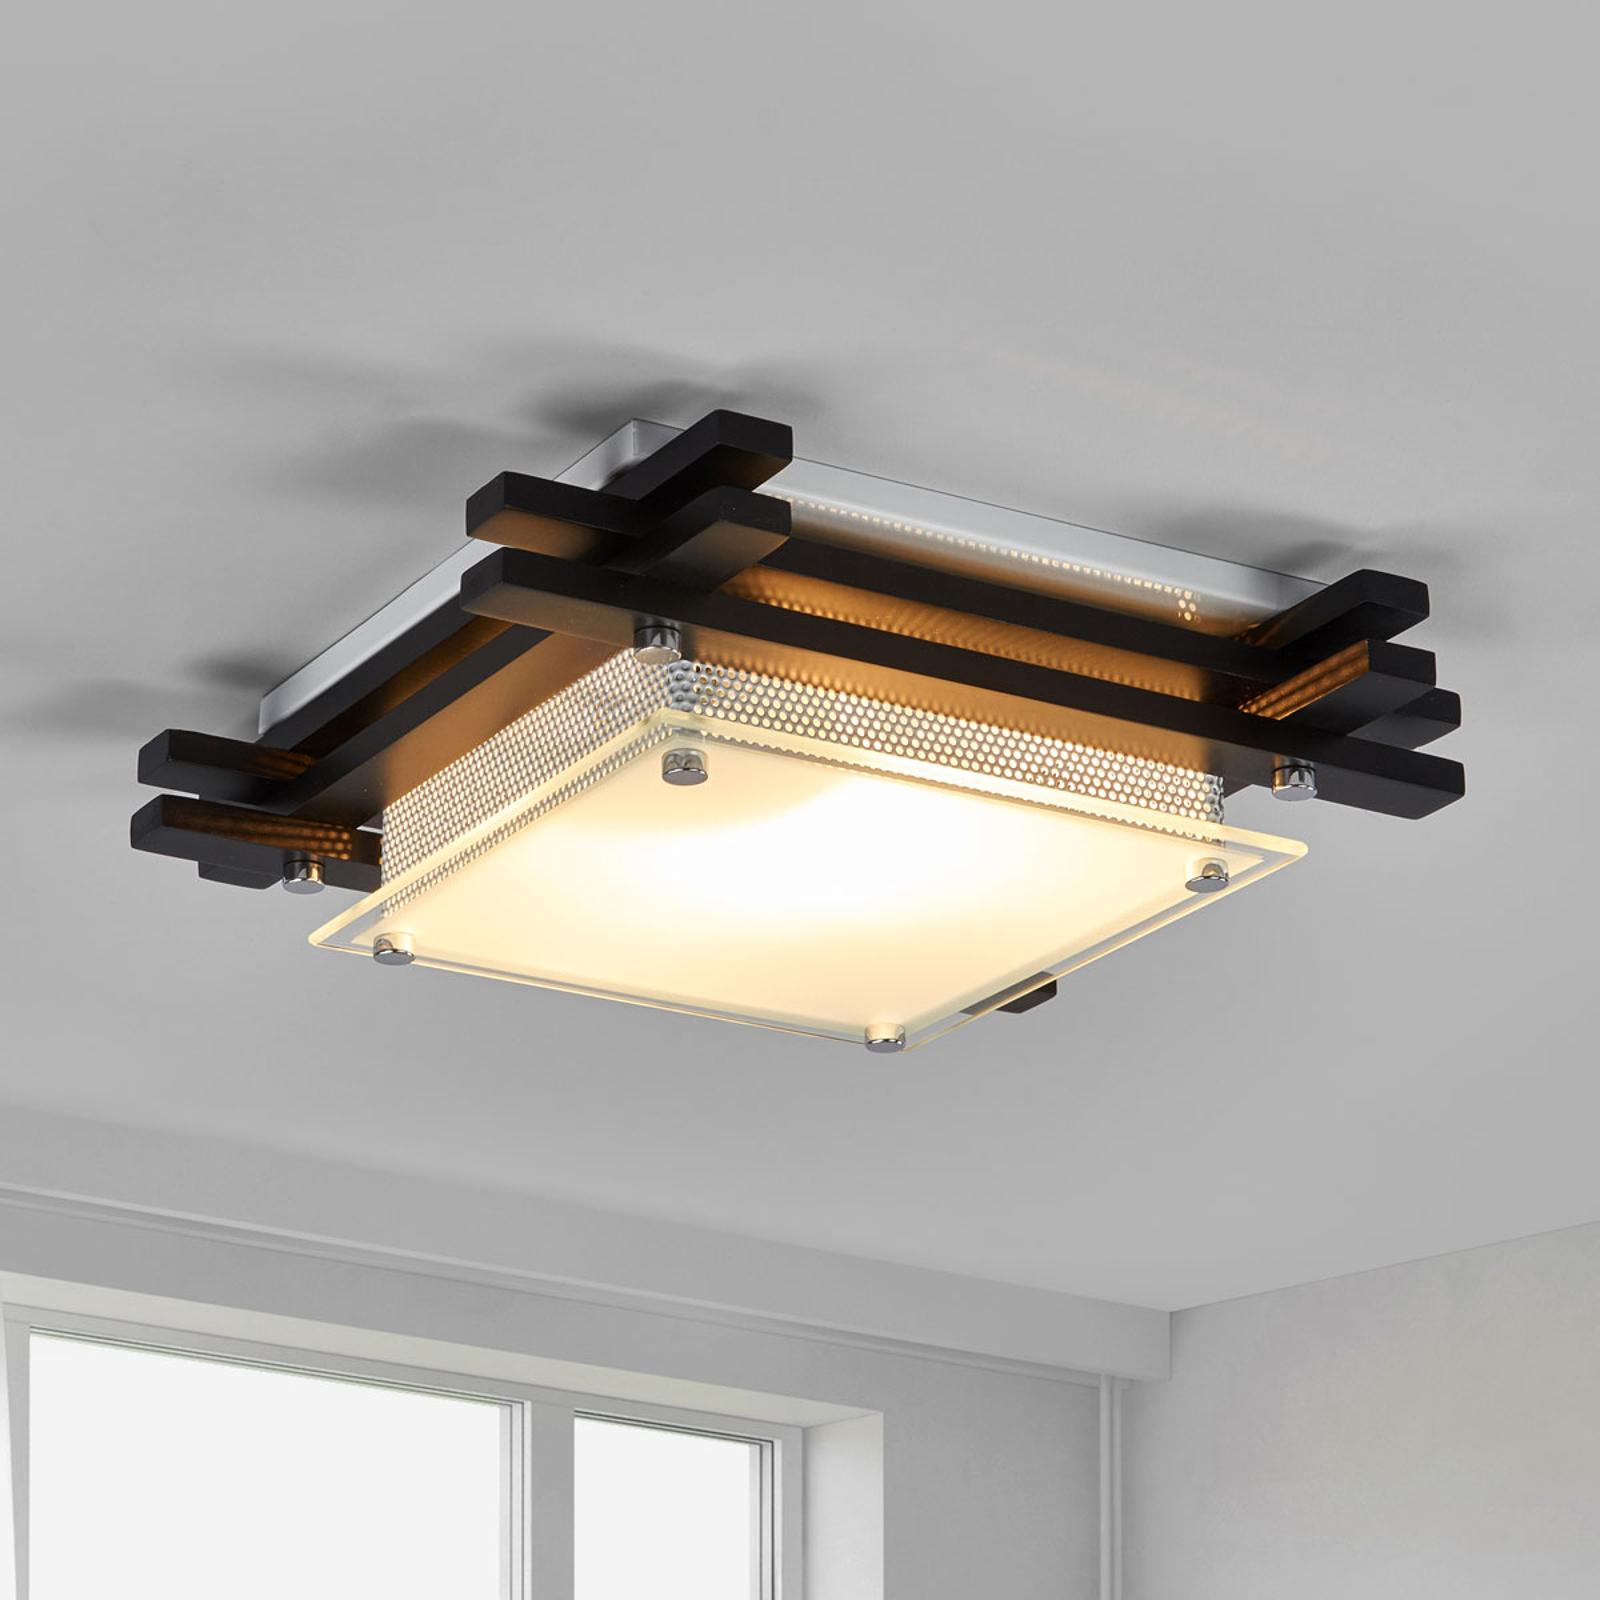 Houten plafondlamp EDISON, donker gekleurd